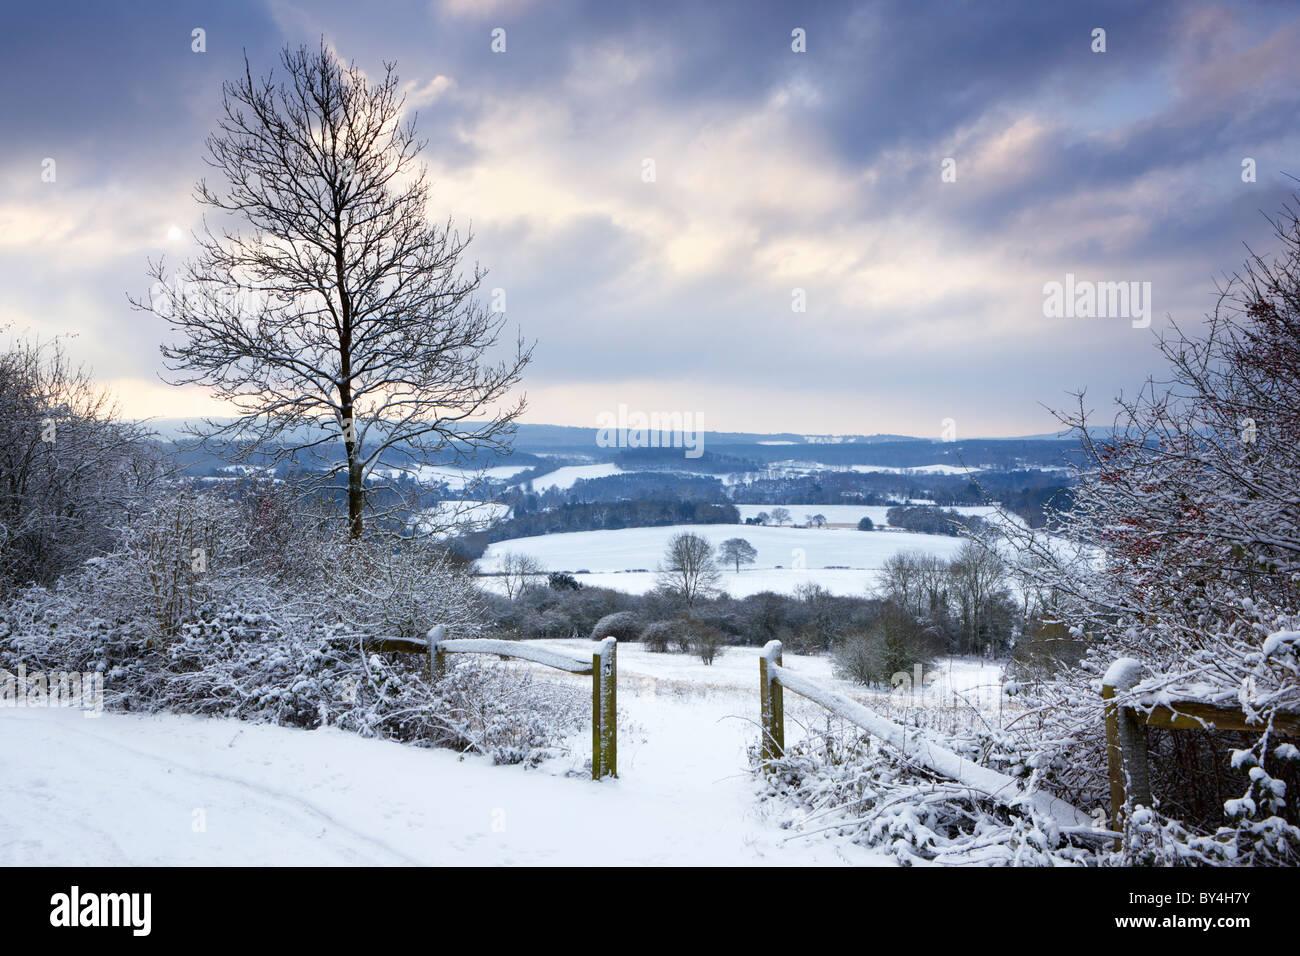 Le soleil commence à percer le nuage par un froid matin d'hiver à Newlands Corner sur l'Albury Photo Stock